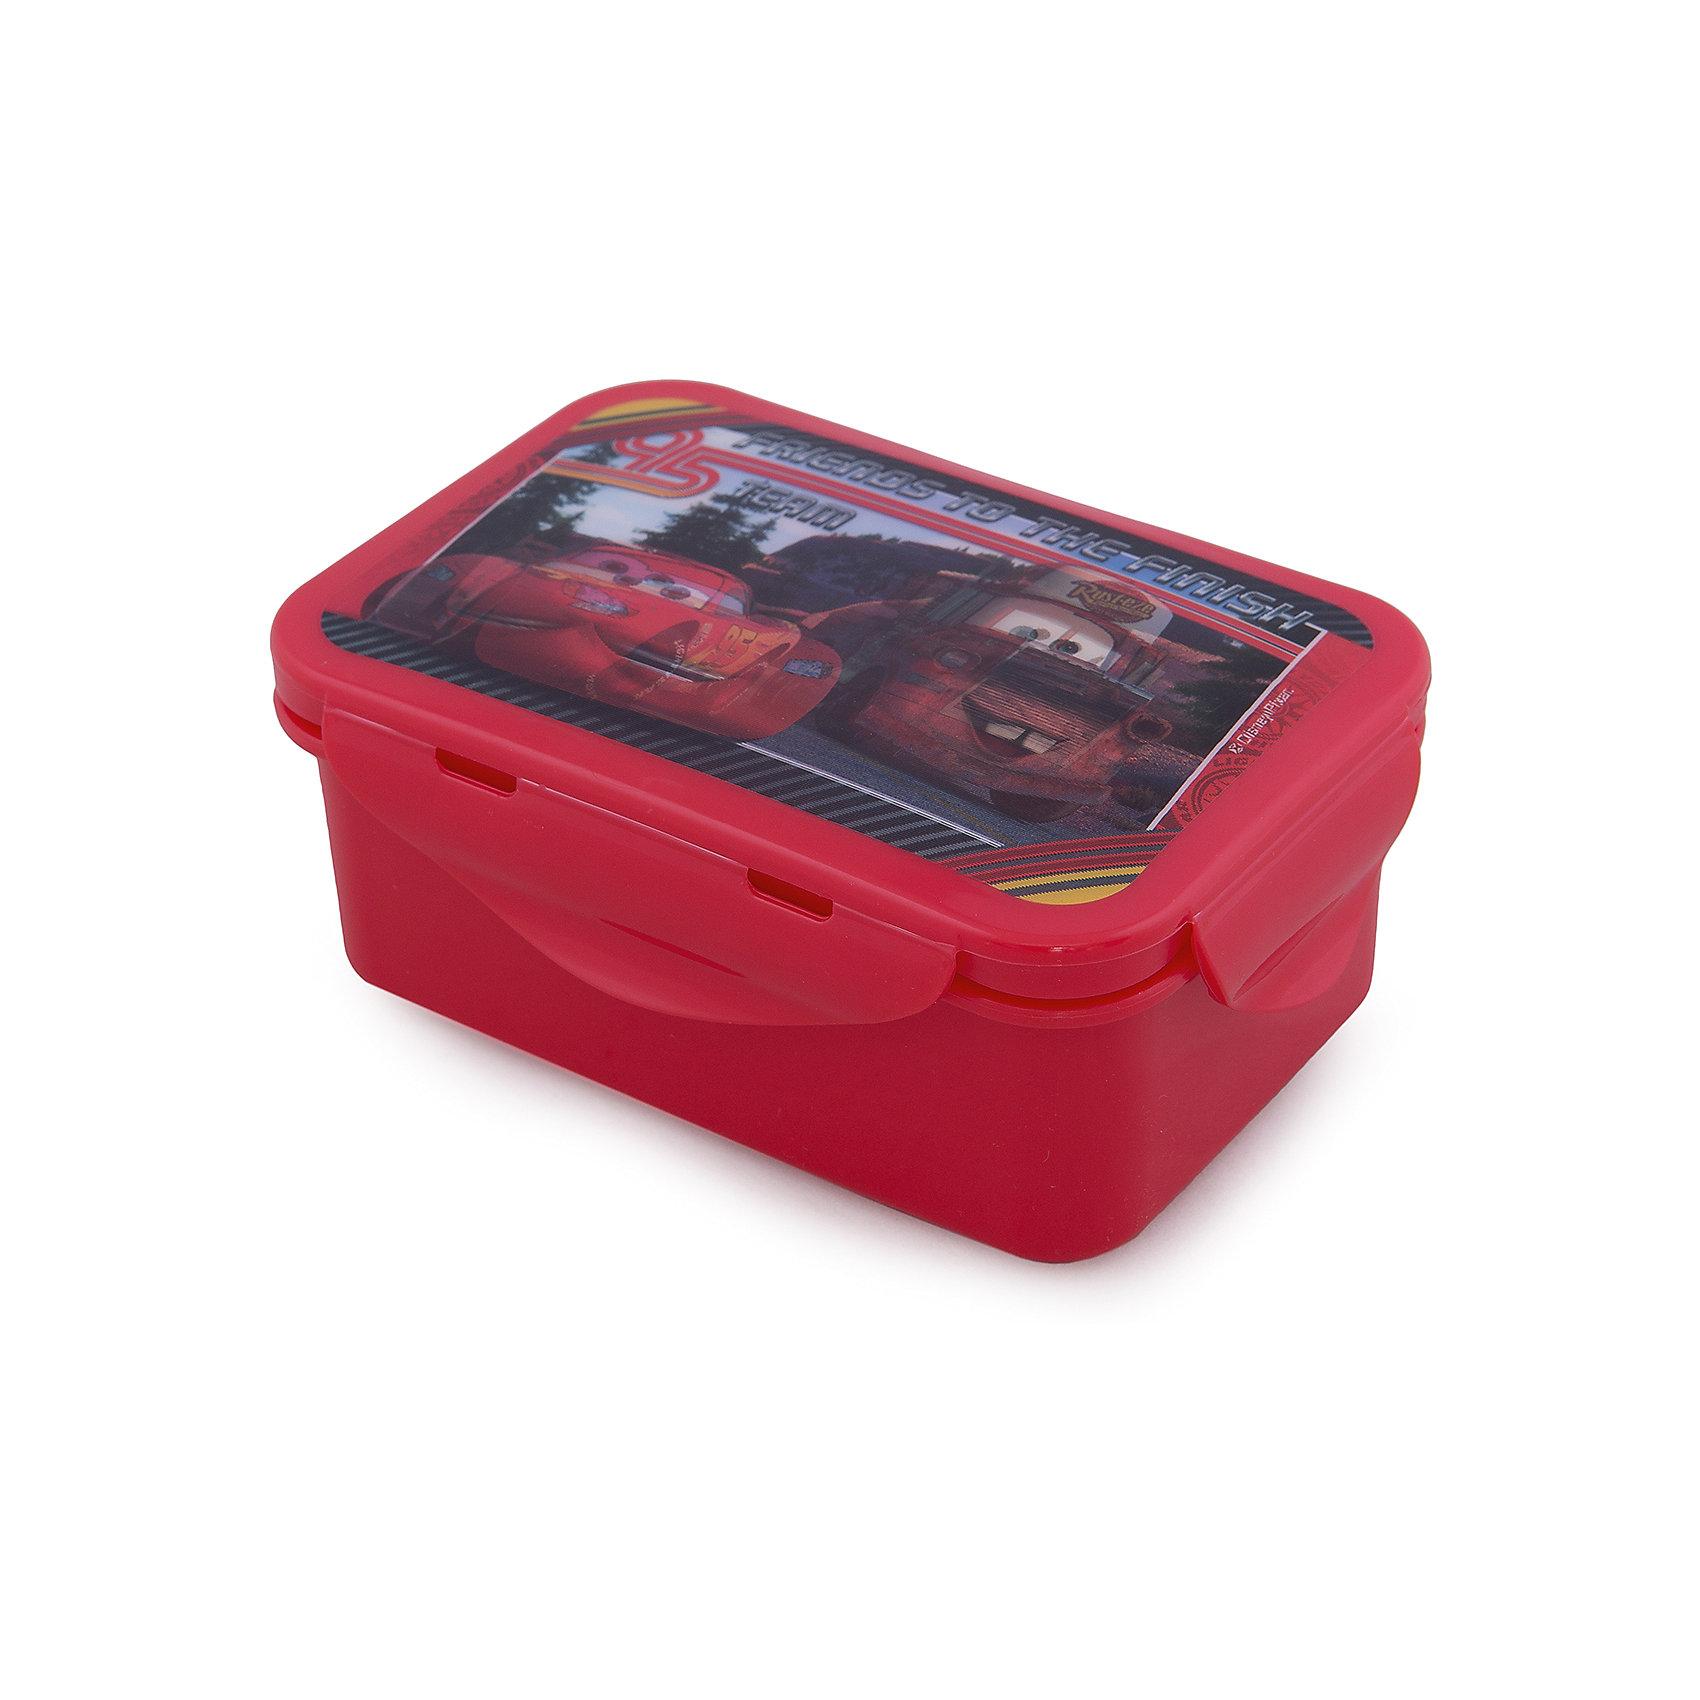 Бутербродница Тачки со съемной крышкойСимпатичная бутербродница с ярким спортивным дизайном, Тачки, замечательно подойдет для школьных завтраков, поездок и путешествий. В ней можно хранить бутерброды, салаты и закуски. Удобный контейнер прямоугольной формы изготовлен из безопасного пищевого пластика и выдерживает горячую пищу. Крышка плотно закрывается на 4 защелки, а благодаря силиконовой прослойке пища лучше сохраняется.<br><br>Бутербродница украшена объемным изображением героев мультфильма Тачки (Cars), которое меняется под разным углом зрения. Несмываемый рисунок находится под прозрачной пластиковой пленкой, поэтому посуда надолго сохранит свои яркие цвета. Бутербродница имеет компактный размер и легко помещается в любую сумку. Нельзя использовать в СВЧ и мыть в посудомоечной машине.<br><br>Дополнительная информация:<br><br>- Материал: пищевой пластик.<br>- Размер бутербродницы: 15 х 10 х 6 см.<br>- Размер упаковки: 16,5 x 11 x 7 см.<br>- Вес: 107 гр.<br><br>Бутербродницу, Тачки, можно купить в нашем интернет-магазине.<br><br>Ширина мм: 155<br>Глубина мм: 85<br>Высота мм: 60<br>Вес г: 107<br>Возраст от месяцев: 36<br>Возраст до месяцев: 120<br>Пол: Мужской<br>Возраст: Детский<br>SKU: 4018069